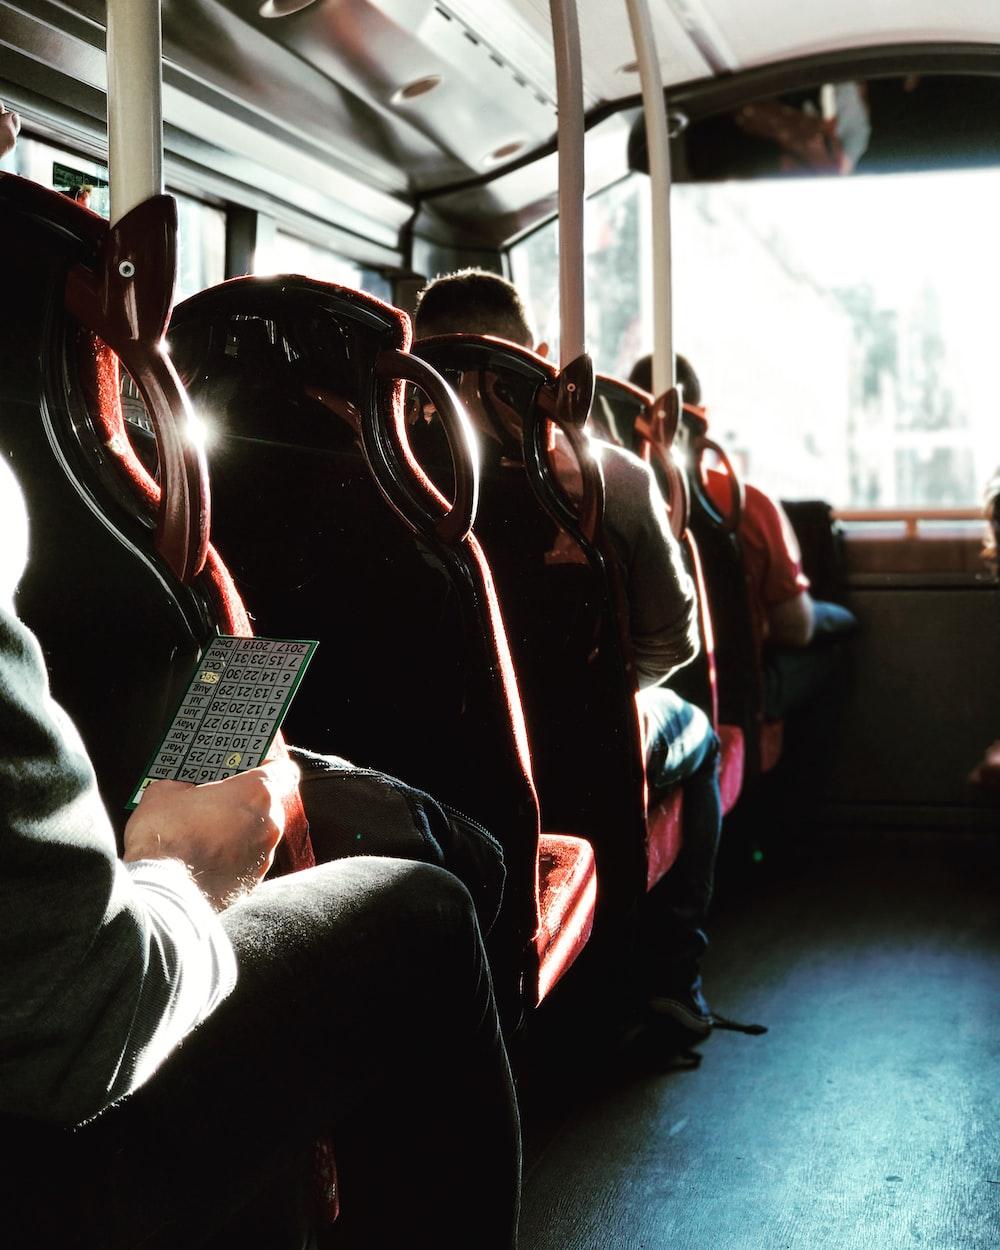 man in black jacket sitting on bus seat